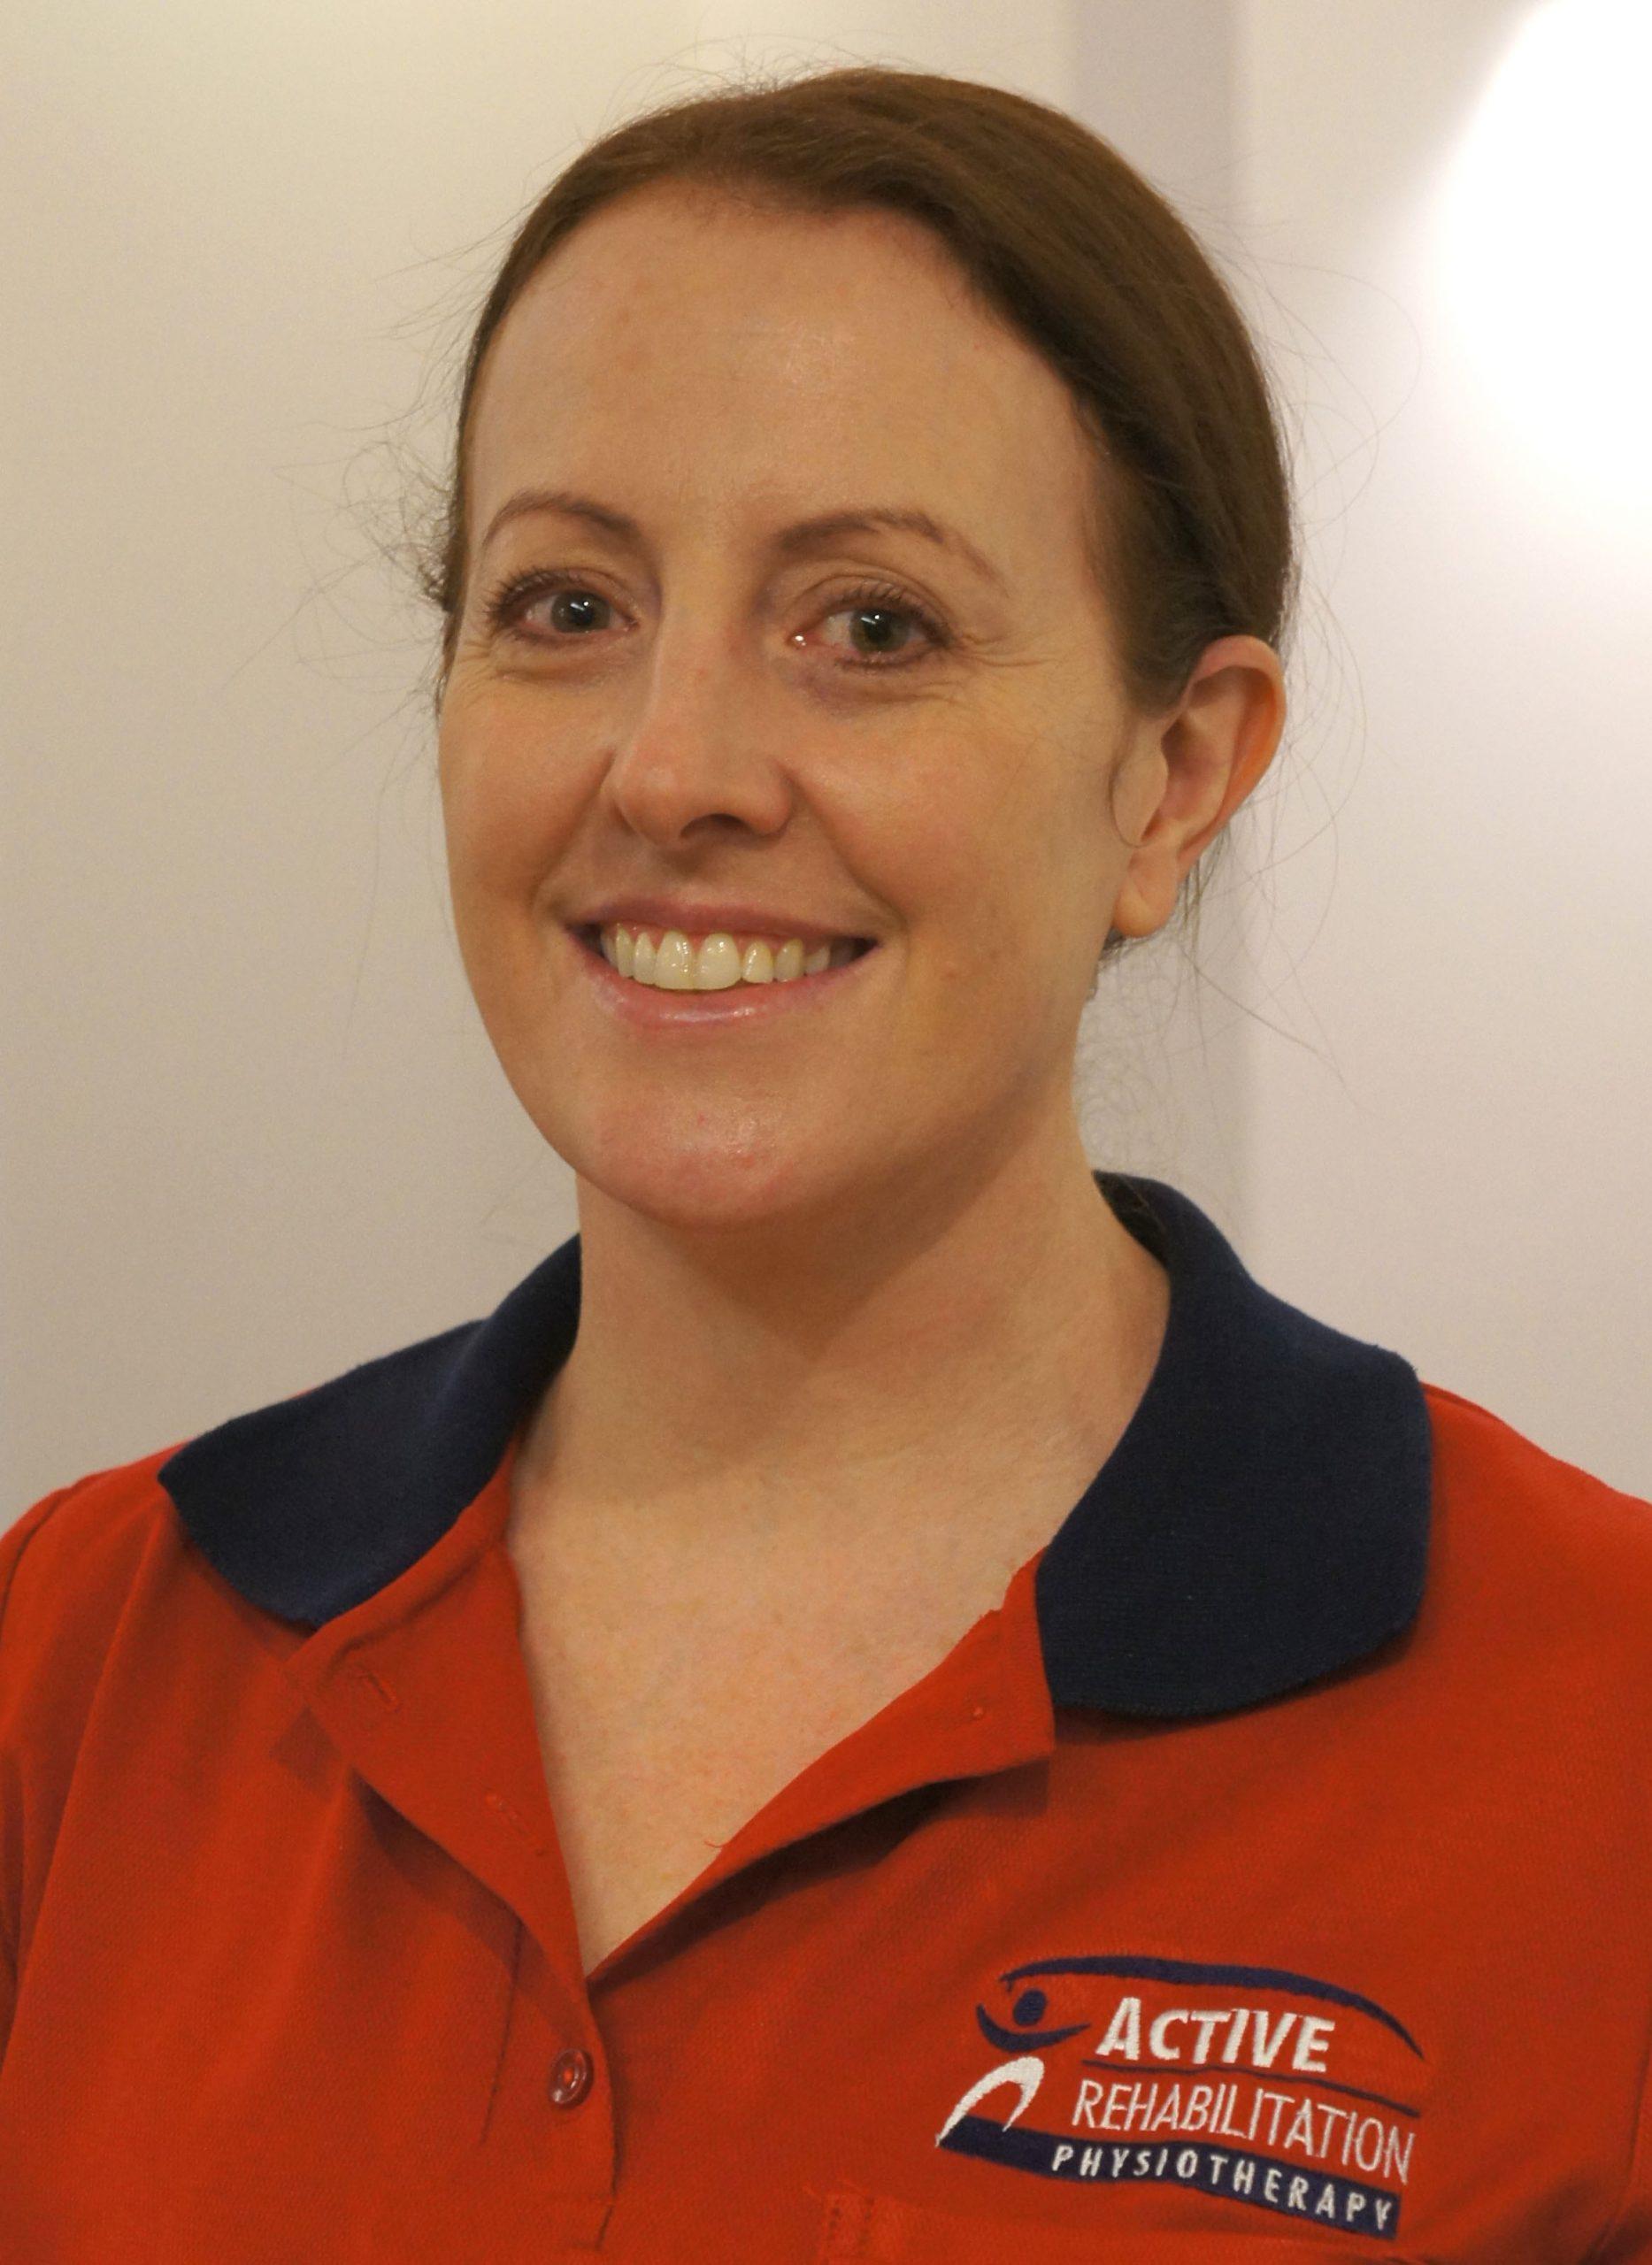 Leanne Slater